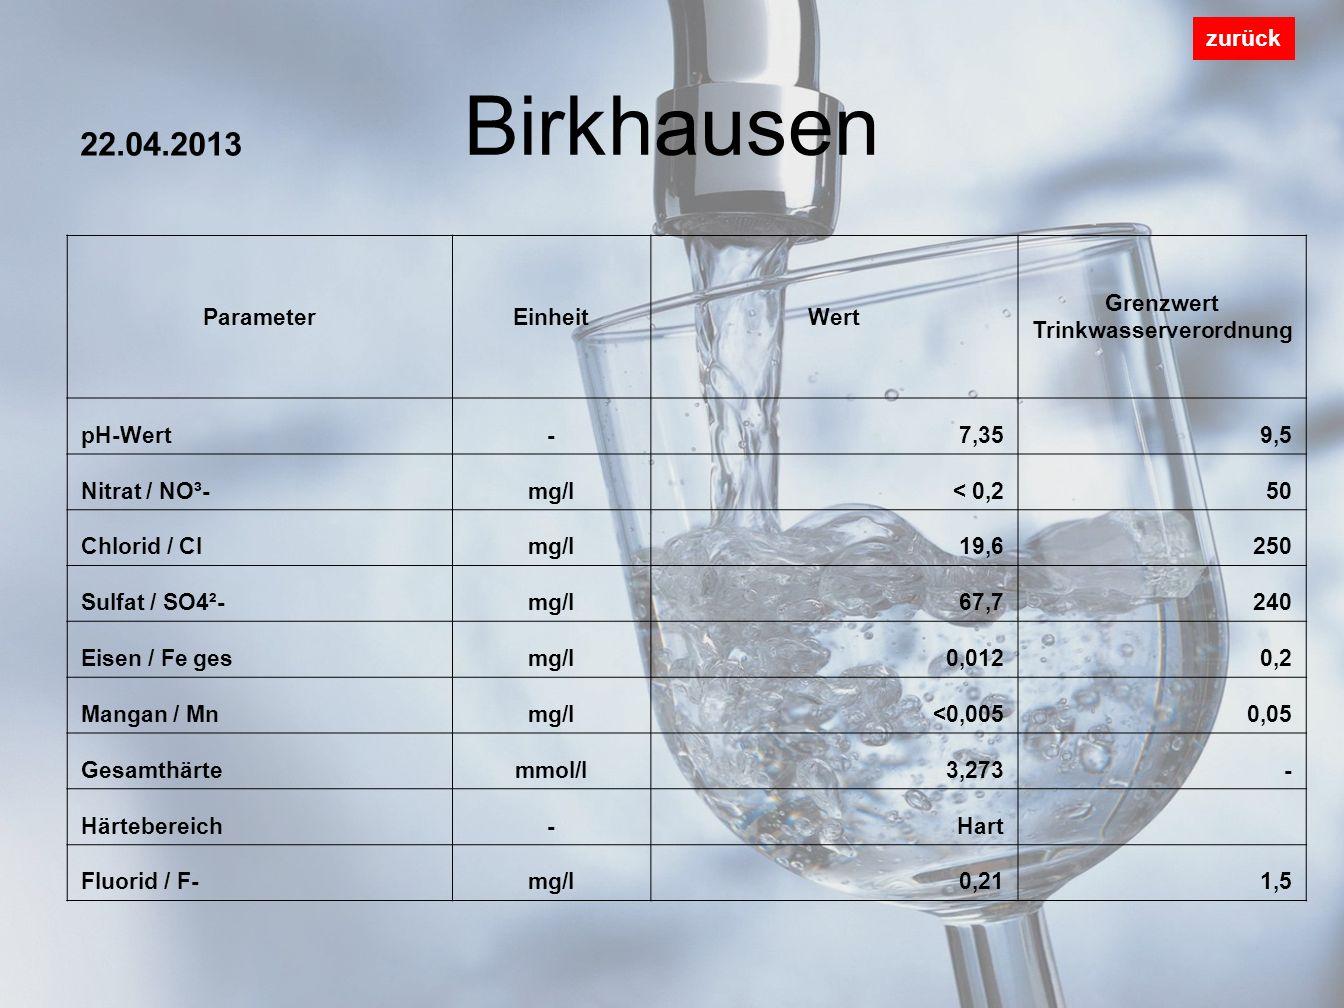 Birkhausen zurück ParameterEinheitWert Grenzwert Trinkwasserverordnung pH-Wert-7,359,5 Nitrat / NO³-mg/l< 0,250 Chlorid / Clmg/l19,6250 Sulfat / SO4²-